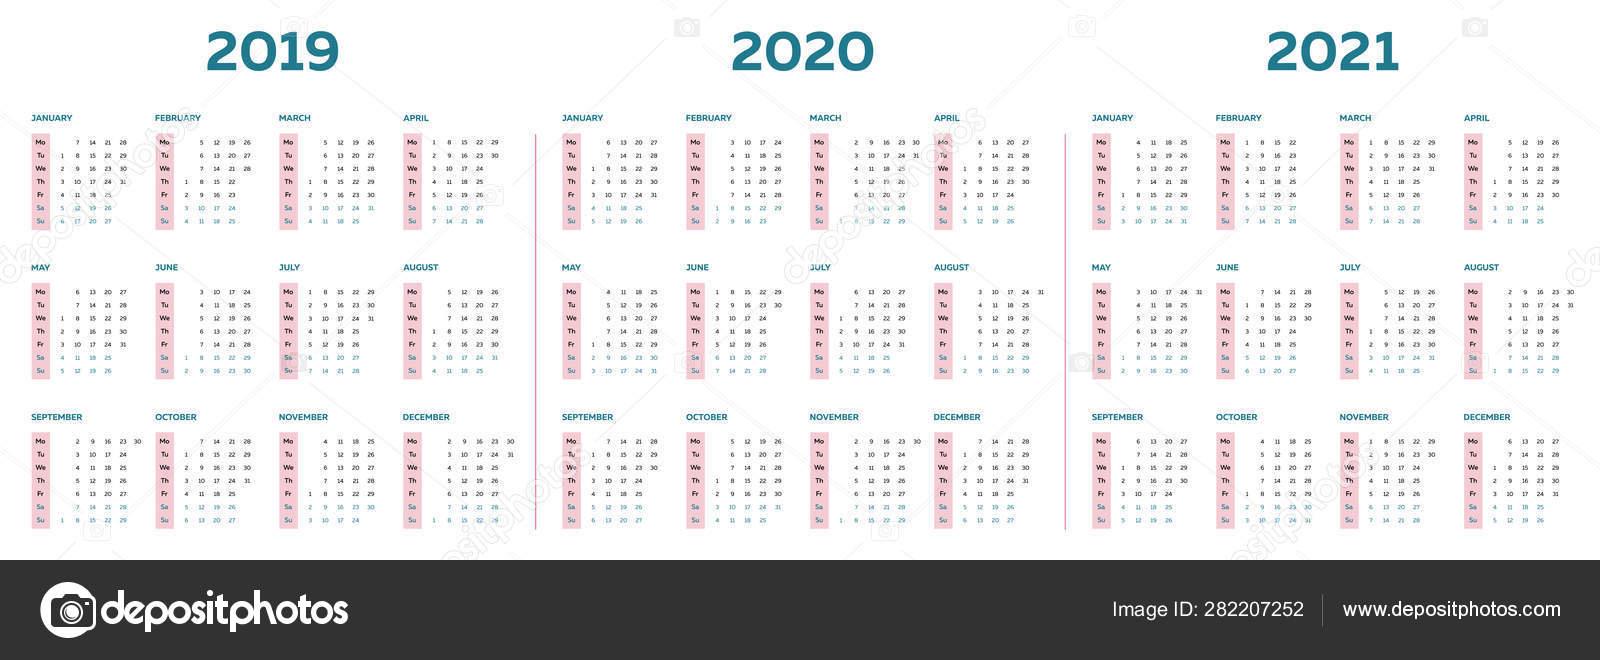 2 Column Calendar 2020 Calendar Printables Free Templates